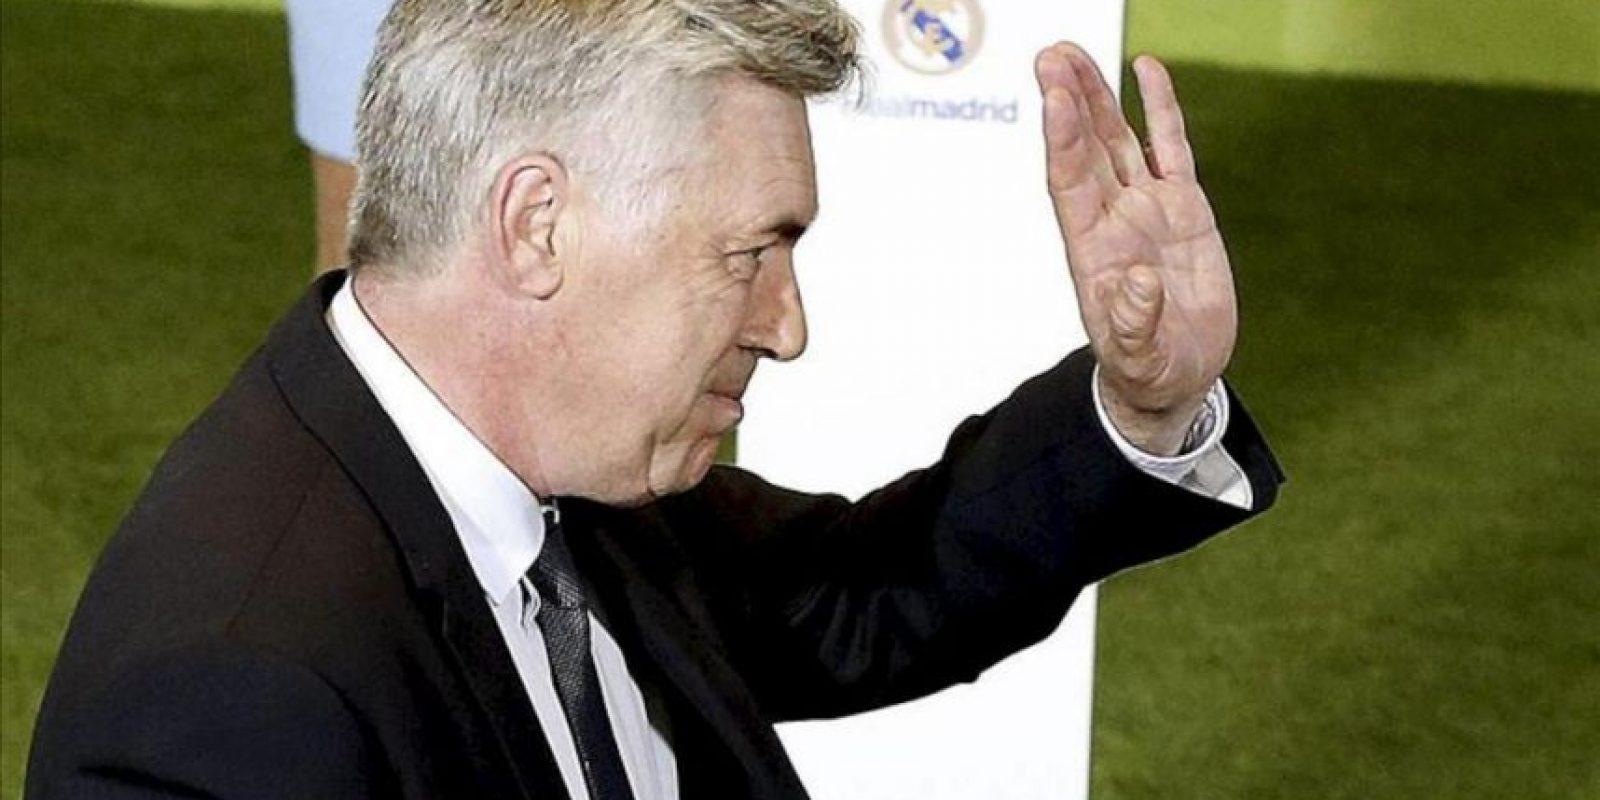 El italiano Carlo Ancelotti saluda al ser presentado hoy como nuevo entrenador del Real Madrid para las próximas tres temporadas, sucediendo en el cargo al portugués José Mourinho. EFE